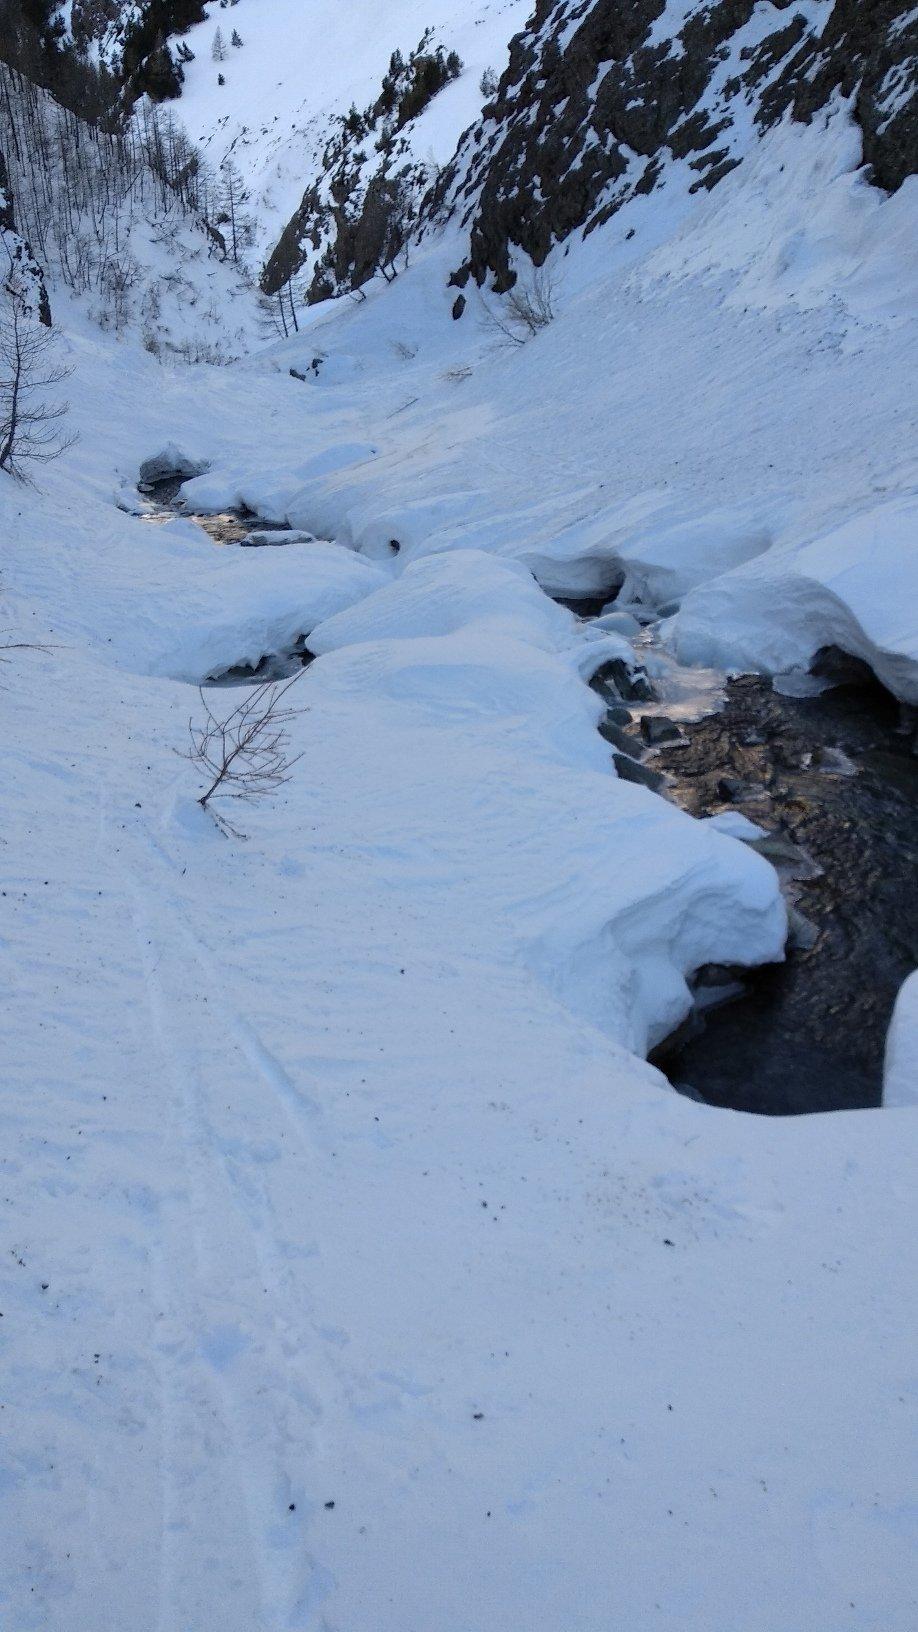 lungo il torrente, sotto Grauson inf